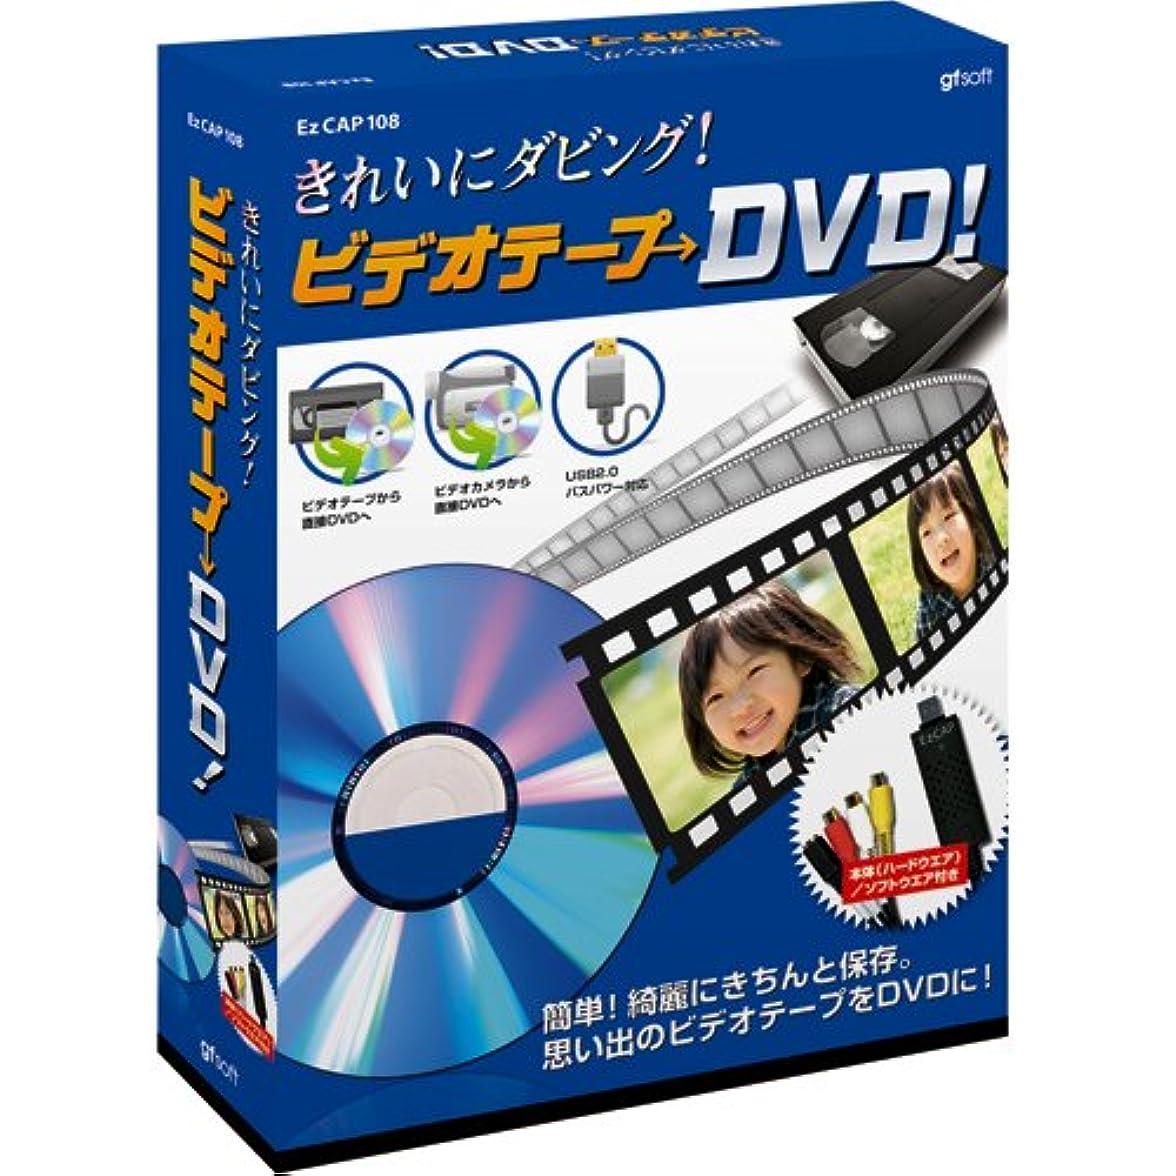 最初非武装化マネージャーきれいにダビング!  ビデオテープ→DVD!  [EZ CAP 108] ハードウェア付き